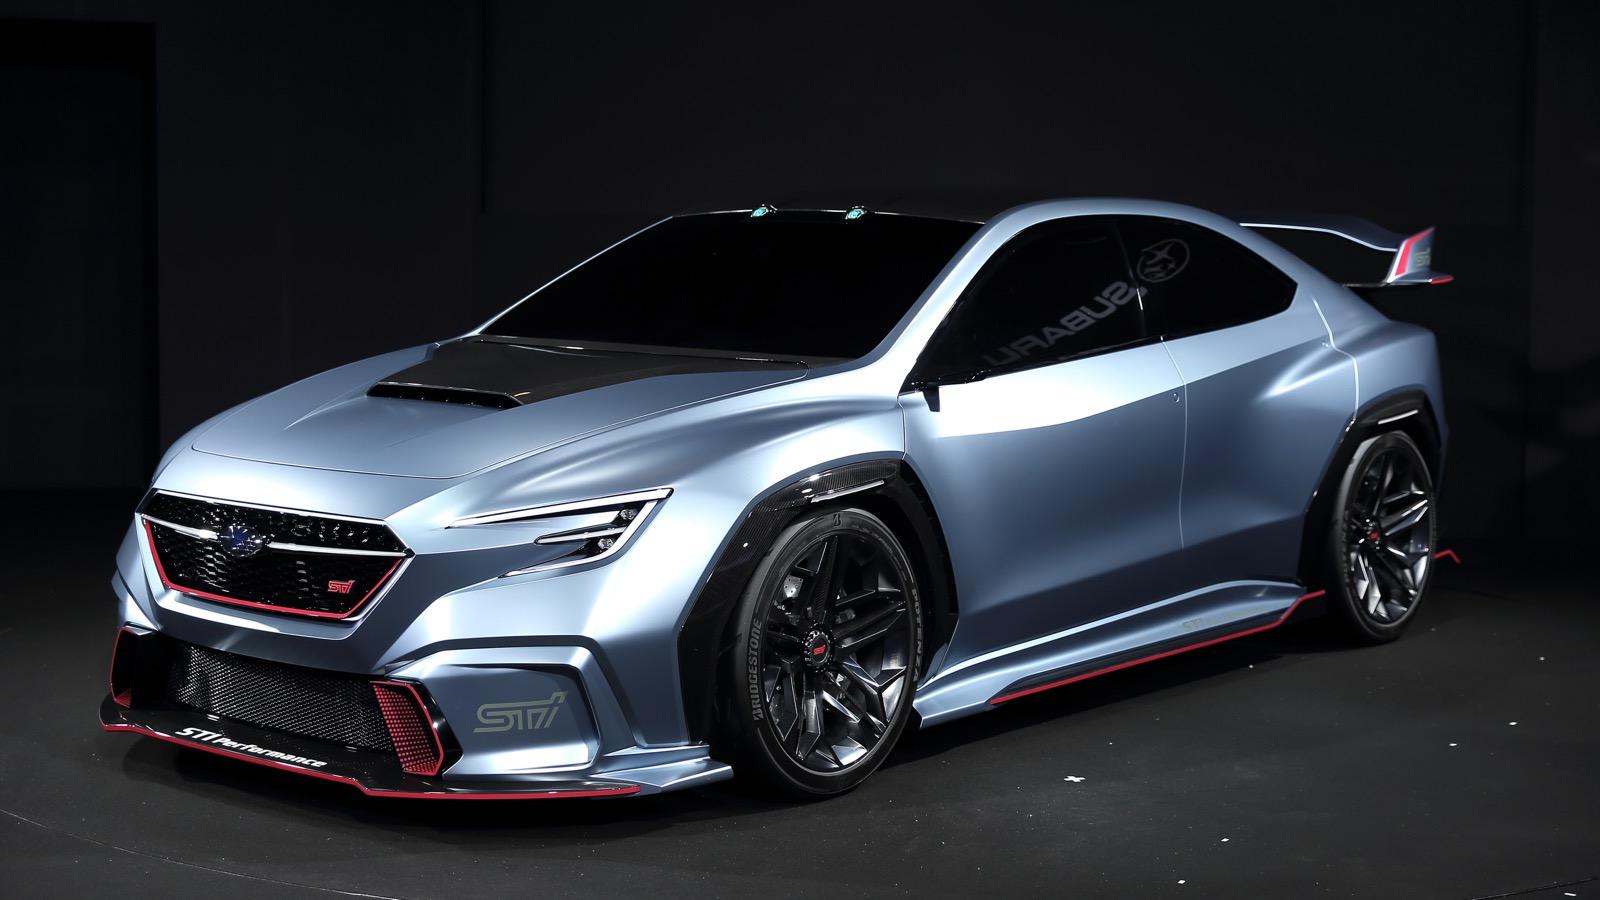 Subaru Viziv Sti Performance Concept Titik Awal Wrx Sti Autonetmagz